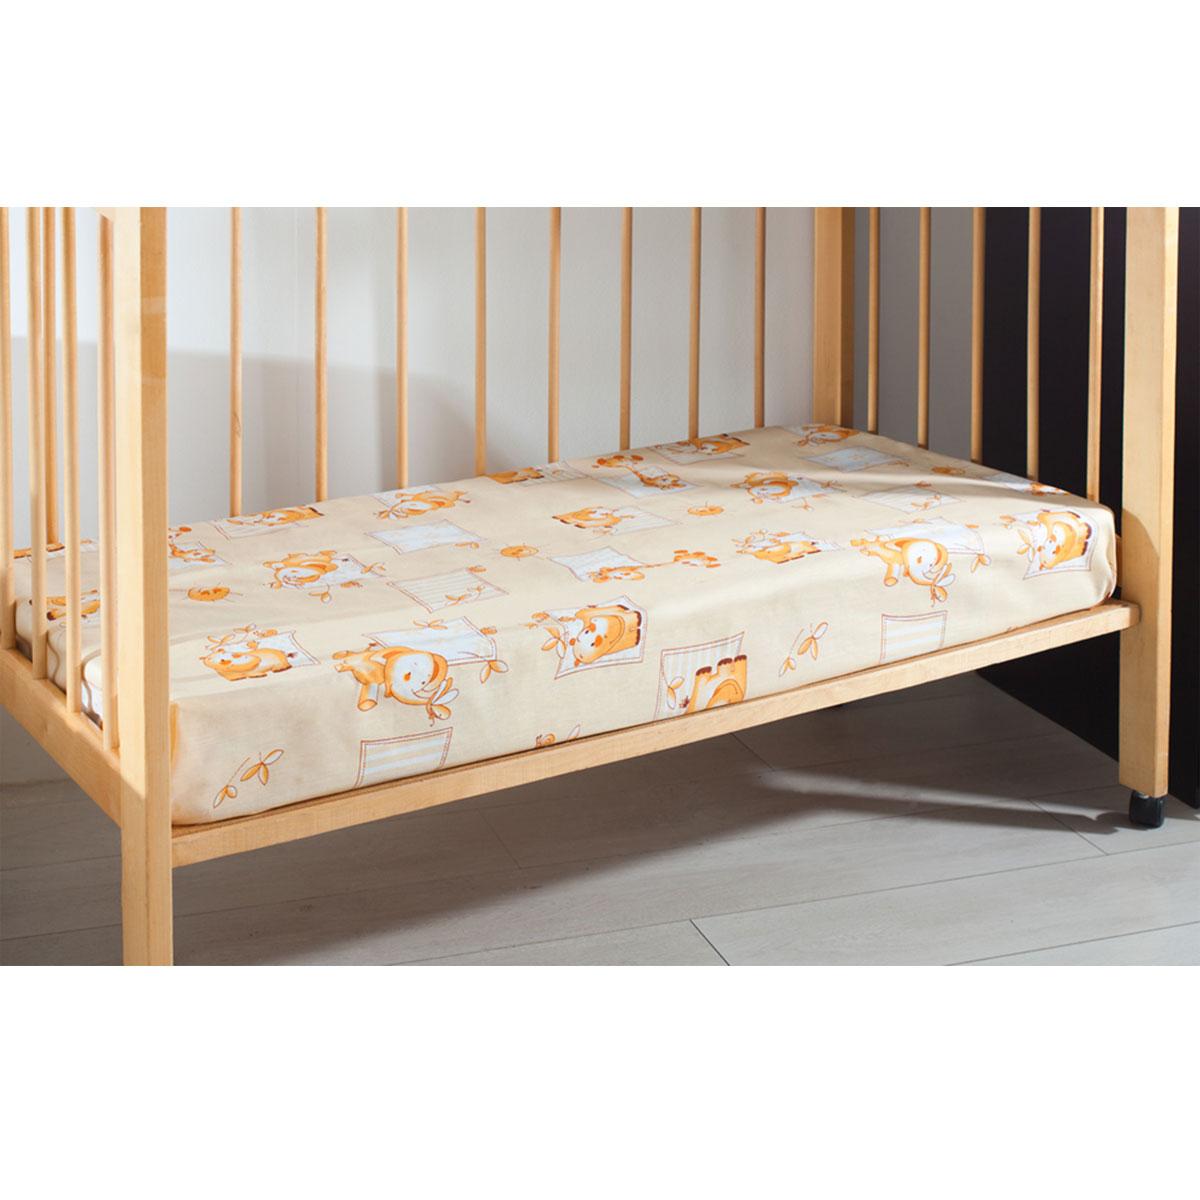 Простыня детская Primavelle, цвет: бежевый, 120 см х 180 см10503Мягкая простыня на резинке Primavelle идеально подойдет для кроватки вашего малыша и обеспечит ему здоровый сон. Она изготовлена из натурального 100% хлопка, дарящего малышу непревзойденную мягкость.Подарите вашему малышу комфорт и удобство!